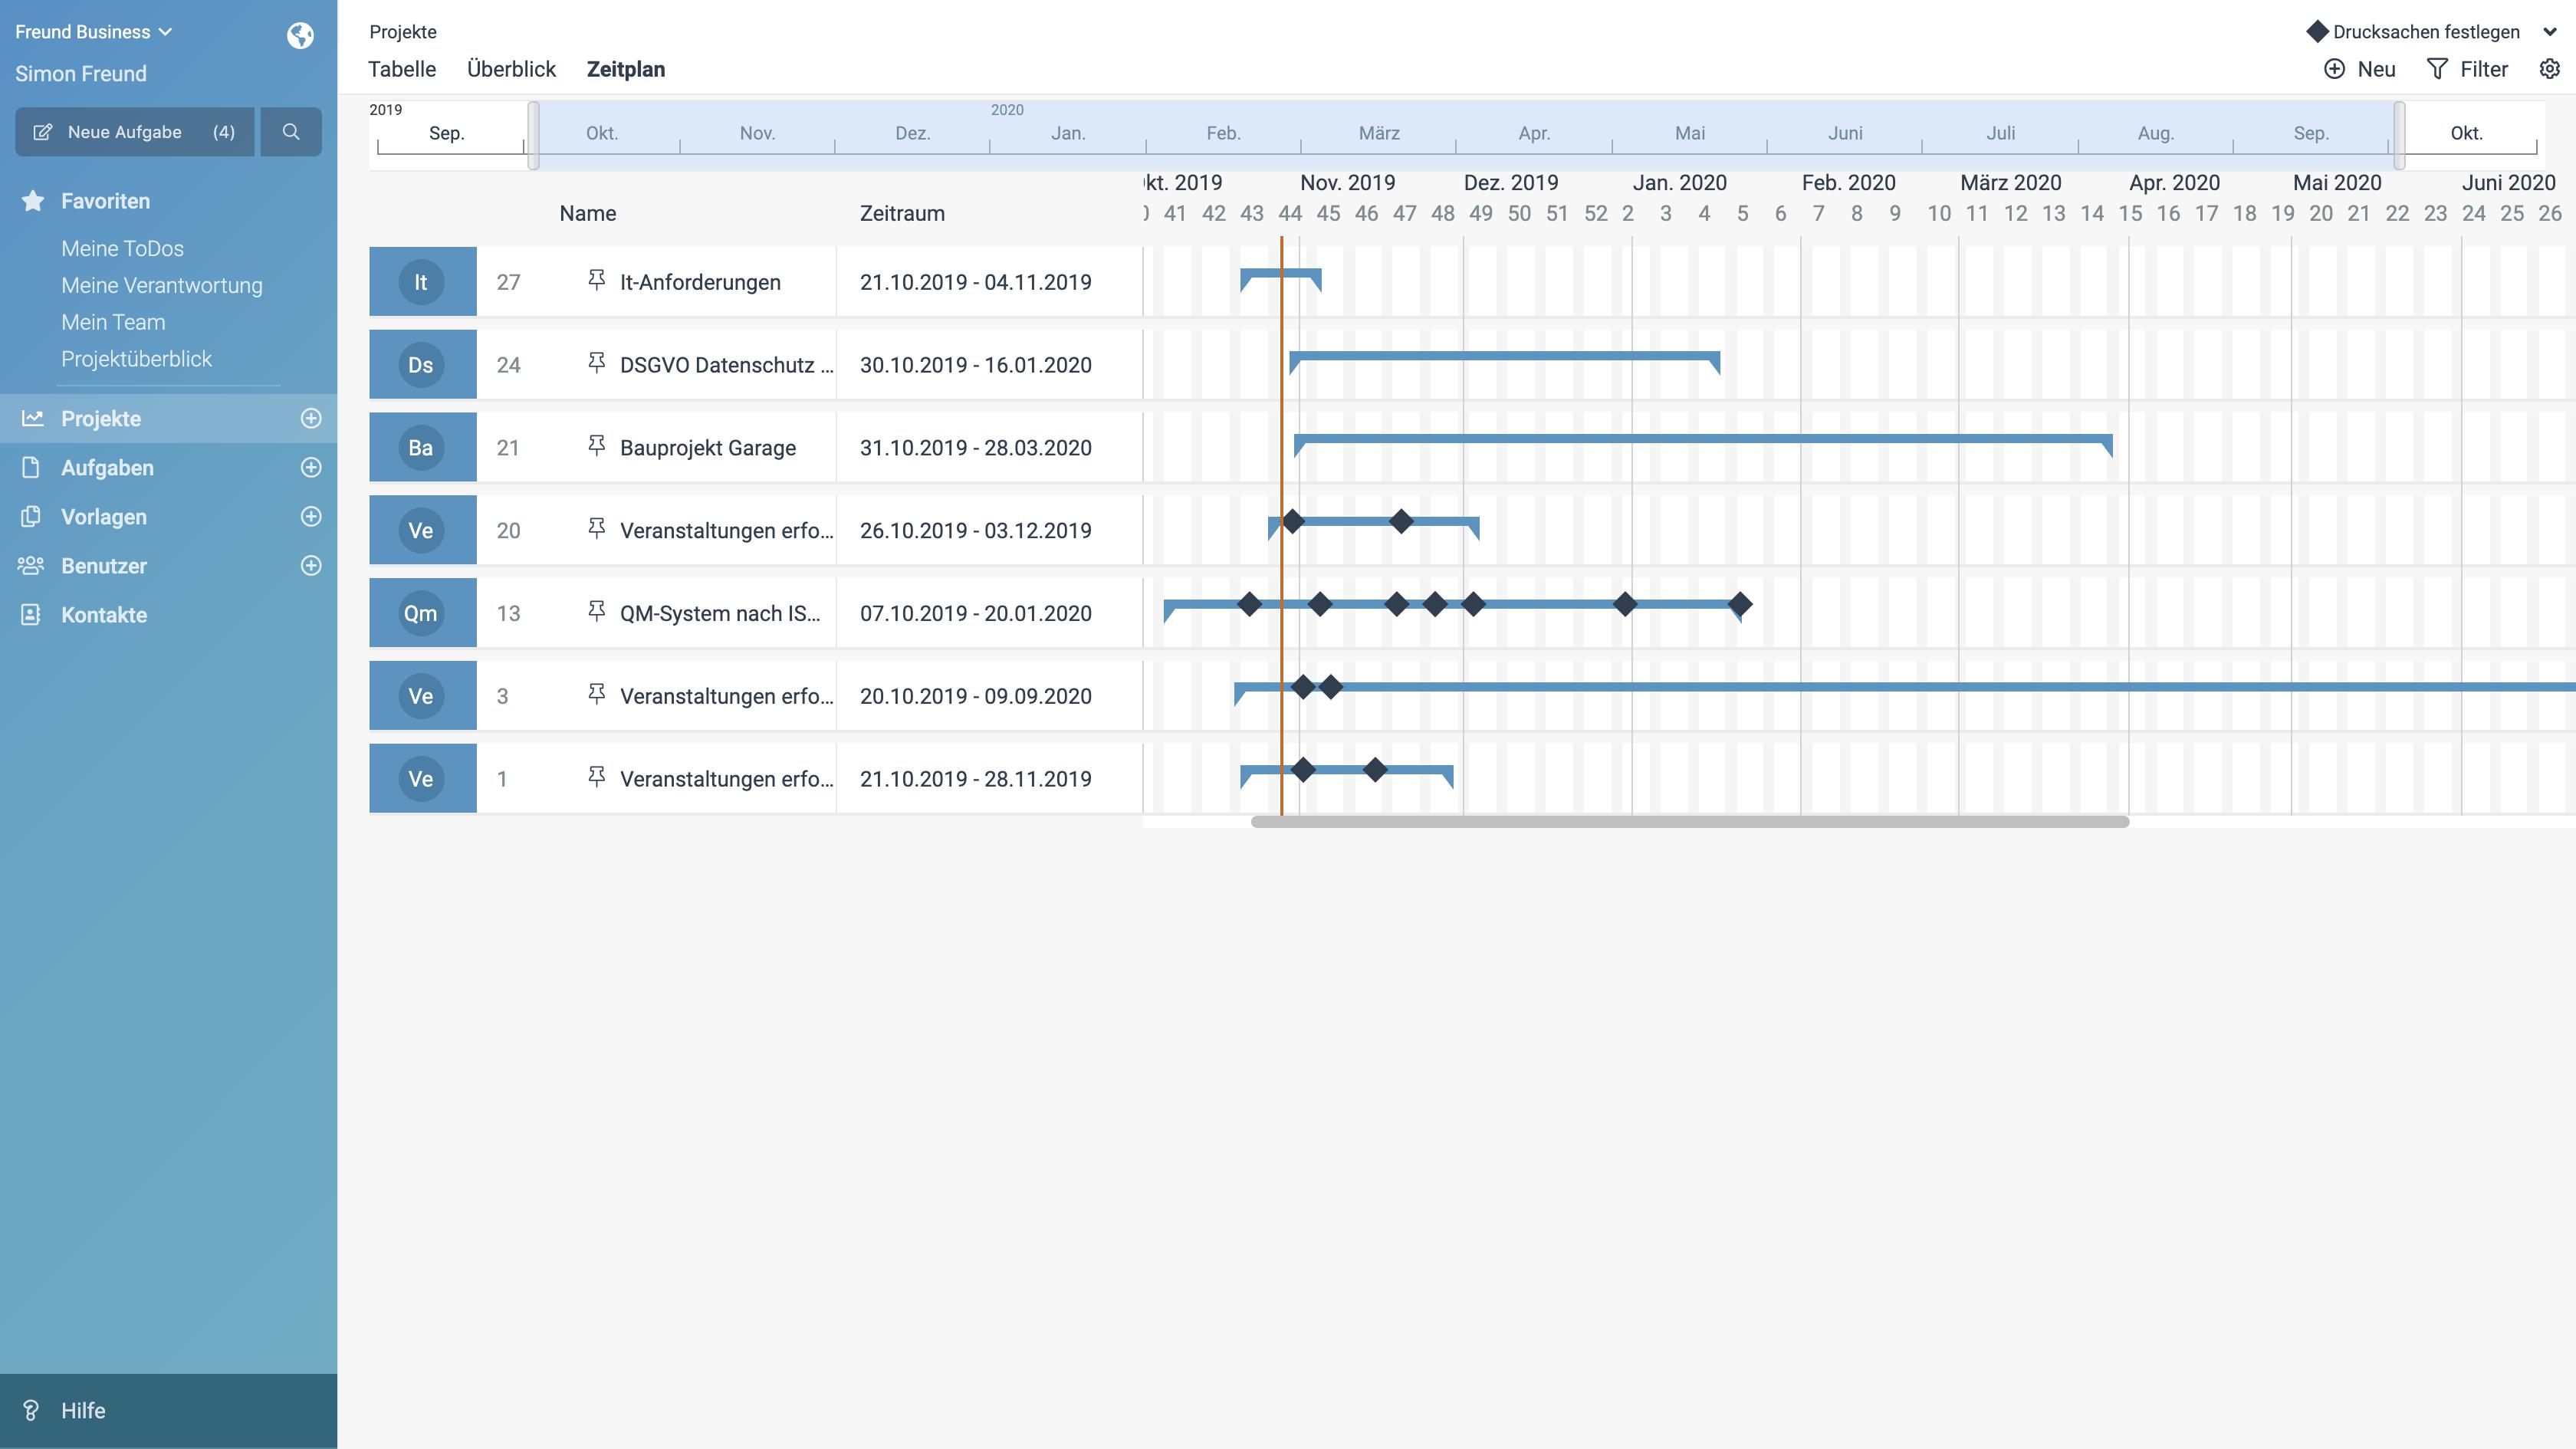 Der projektübergreifende factro Zeitplan